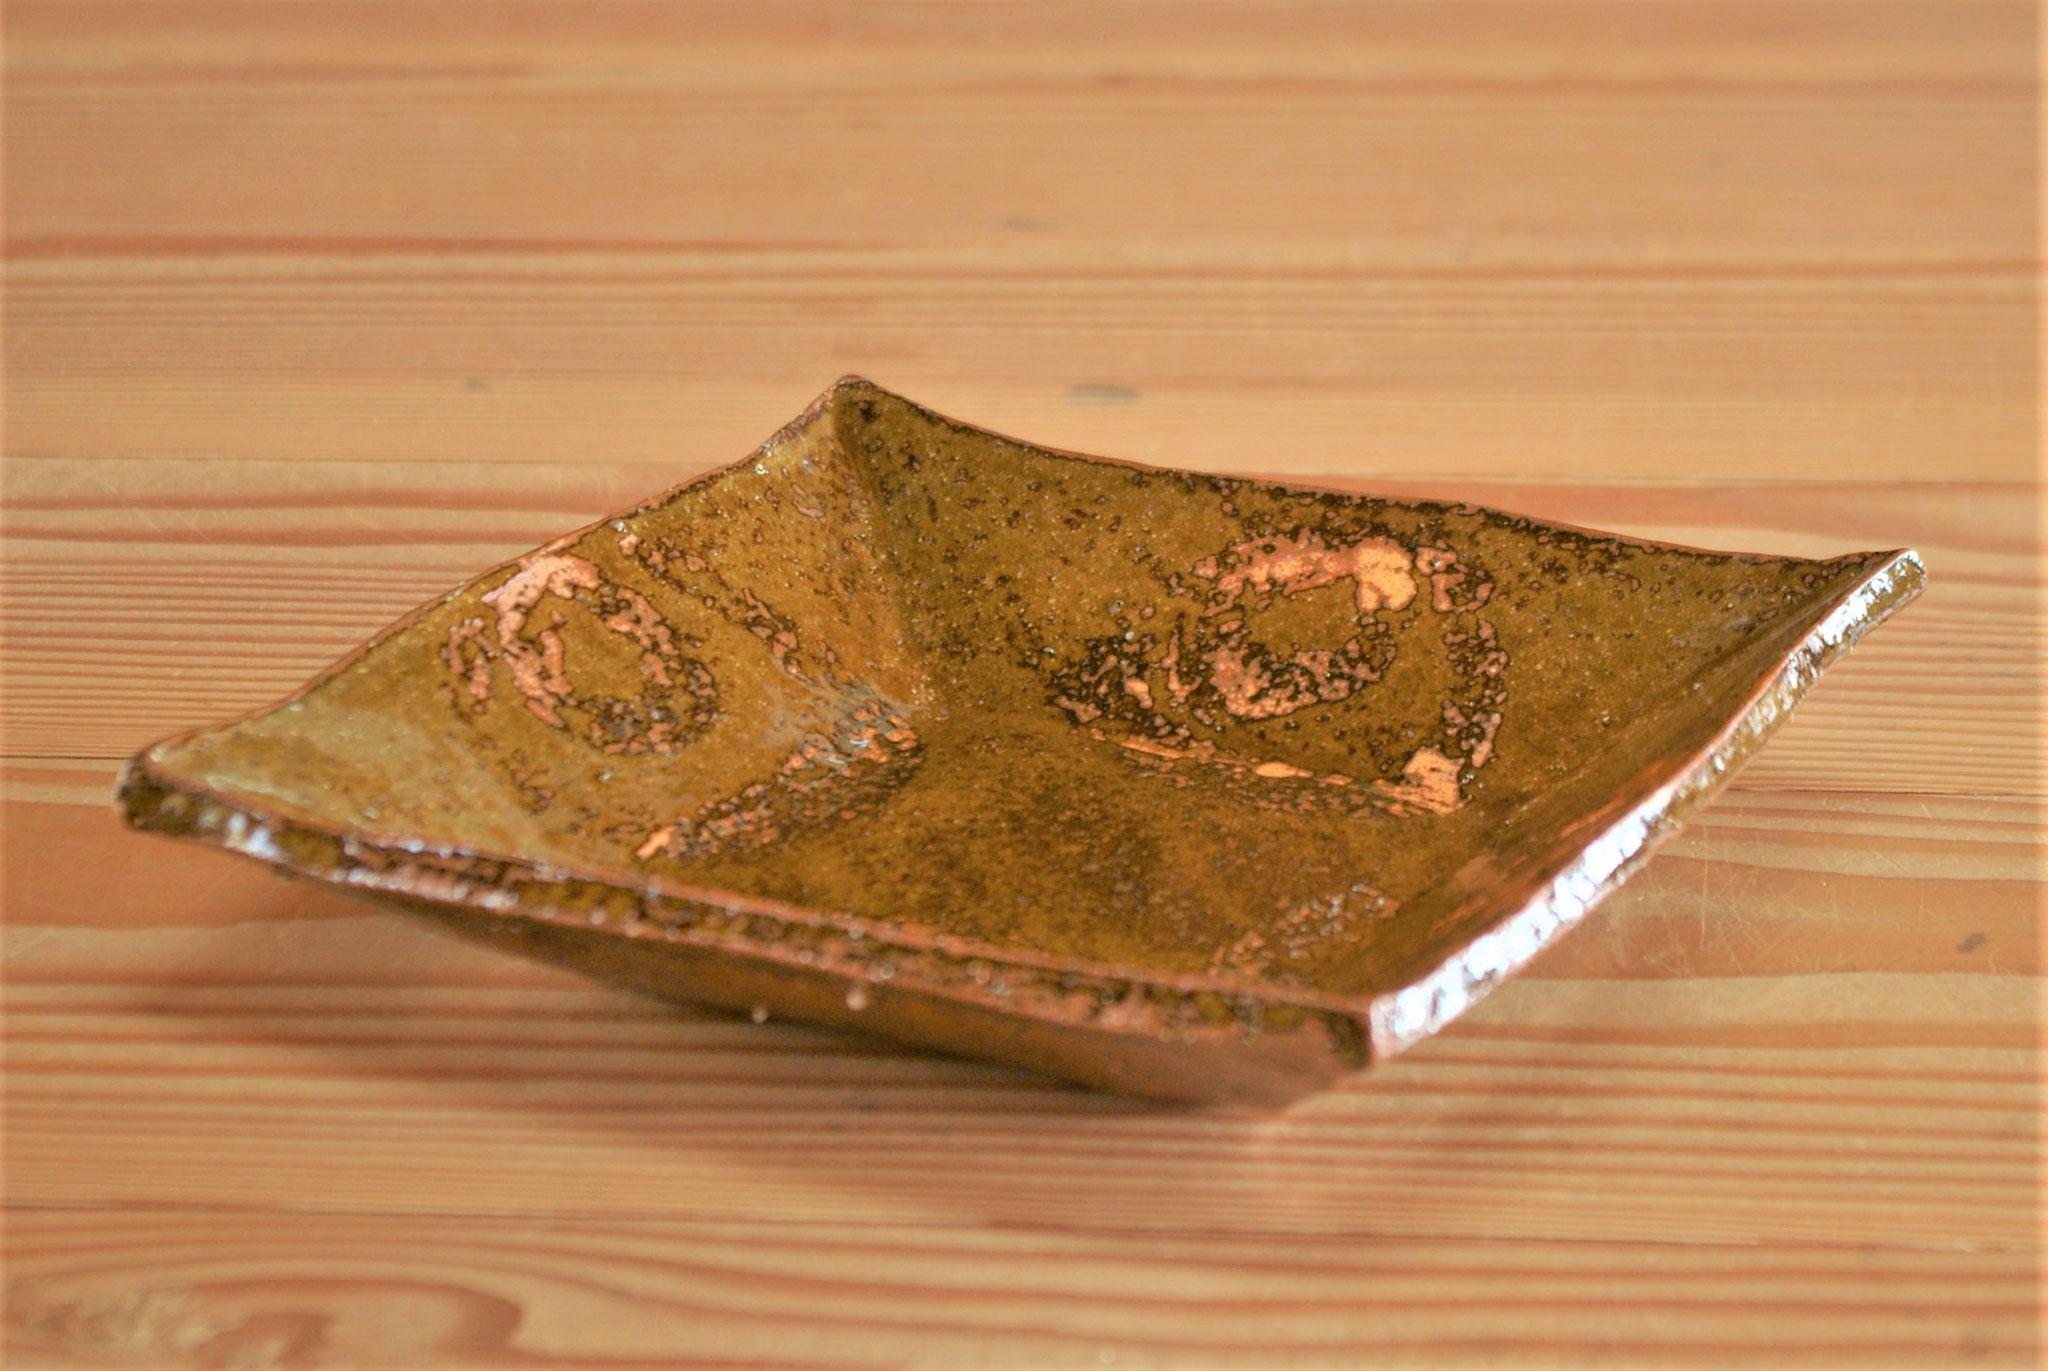 四角い鉢:鬼板(茶色顔料)で模様付けしてその上に撥水を重ね書きし、黄瀬戸釉を施釉